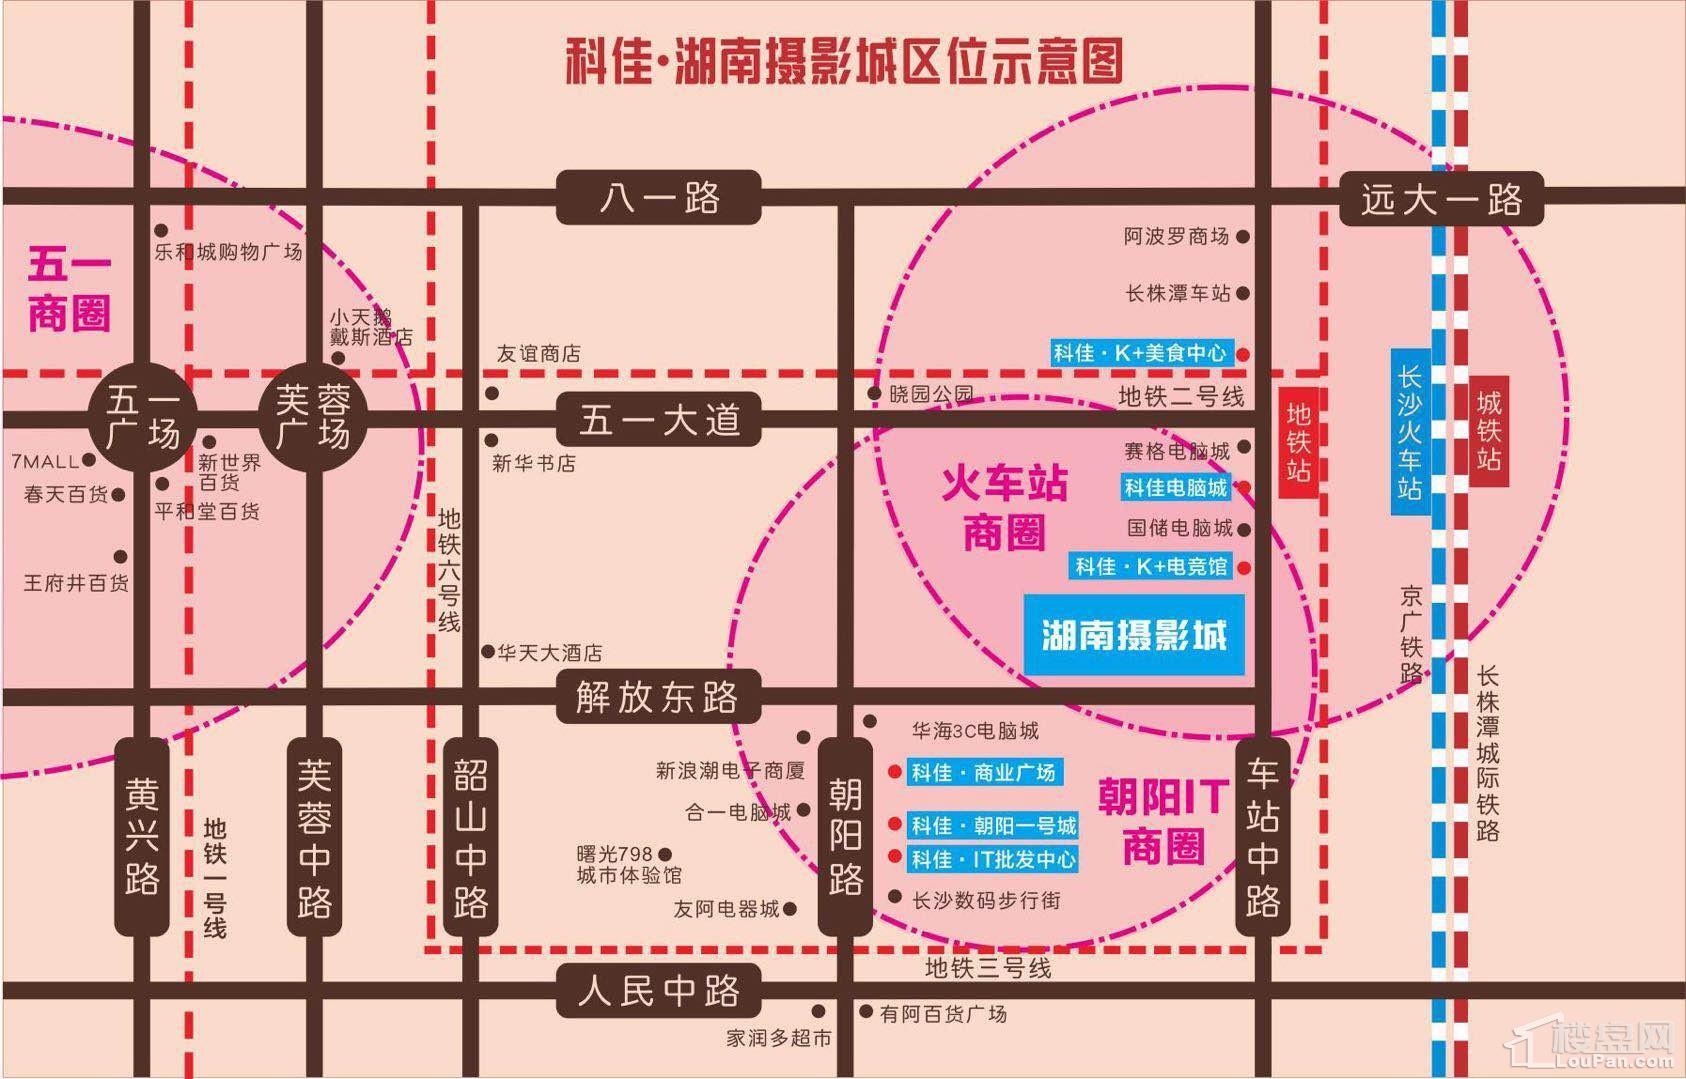 湖南摄影城位置图